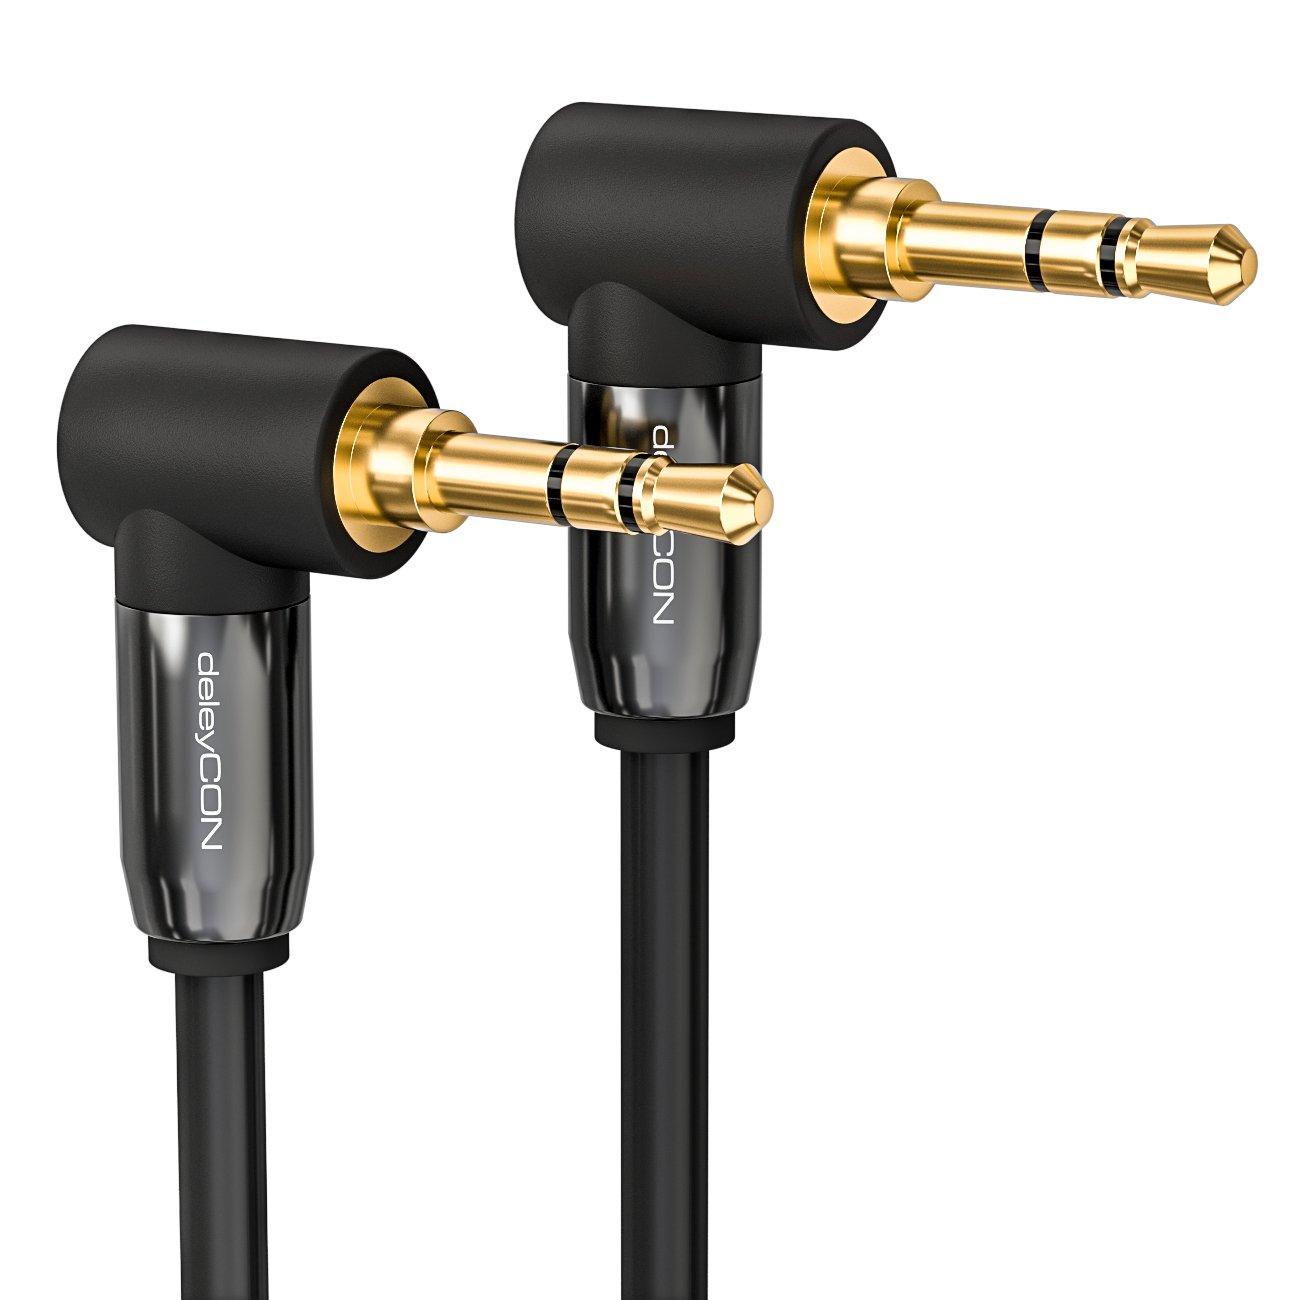 deleyCON 2m Cavo AUX con Jack 3,5mm Cavo Stereo Audio con Uscita Jack ad Angolo 90/° per PC Laptop Mobile Smartphone Tablet Auto HiFi Nero